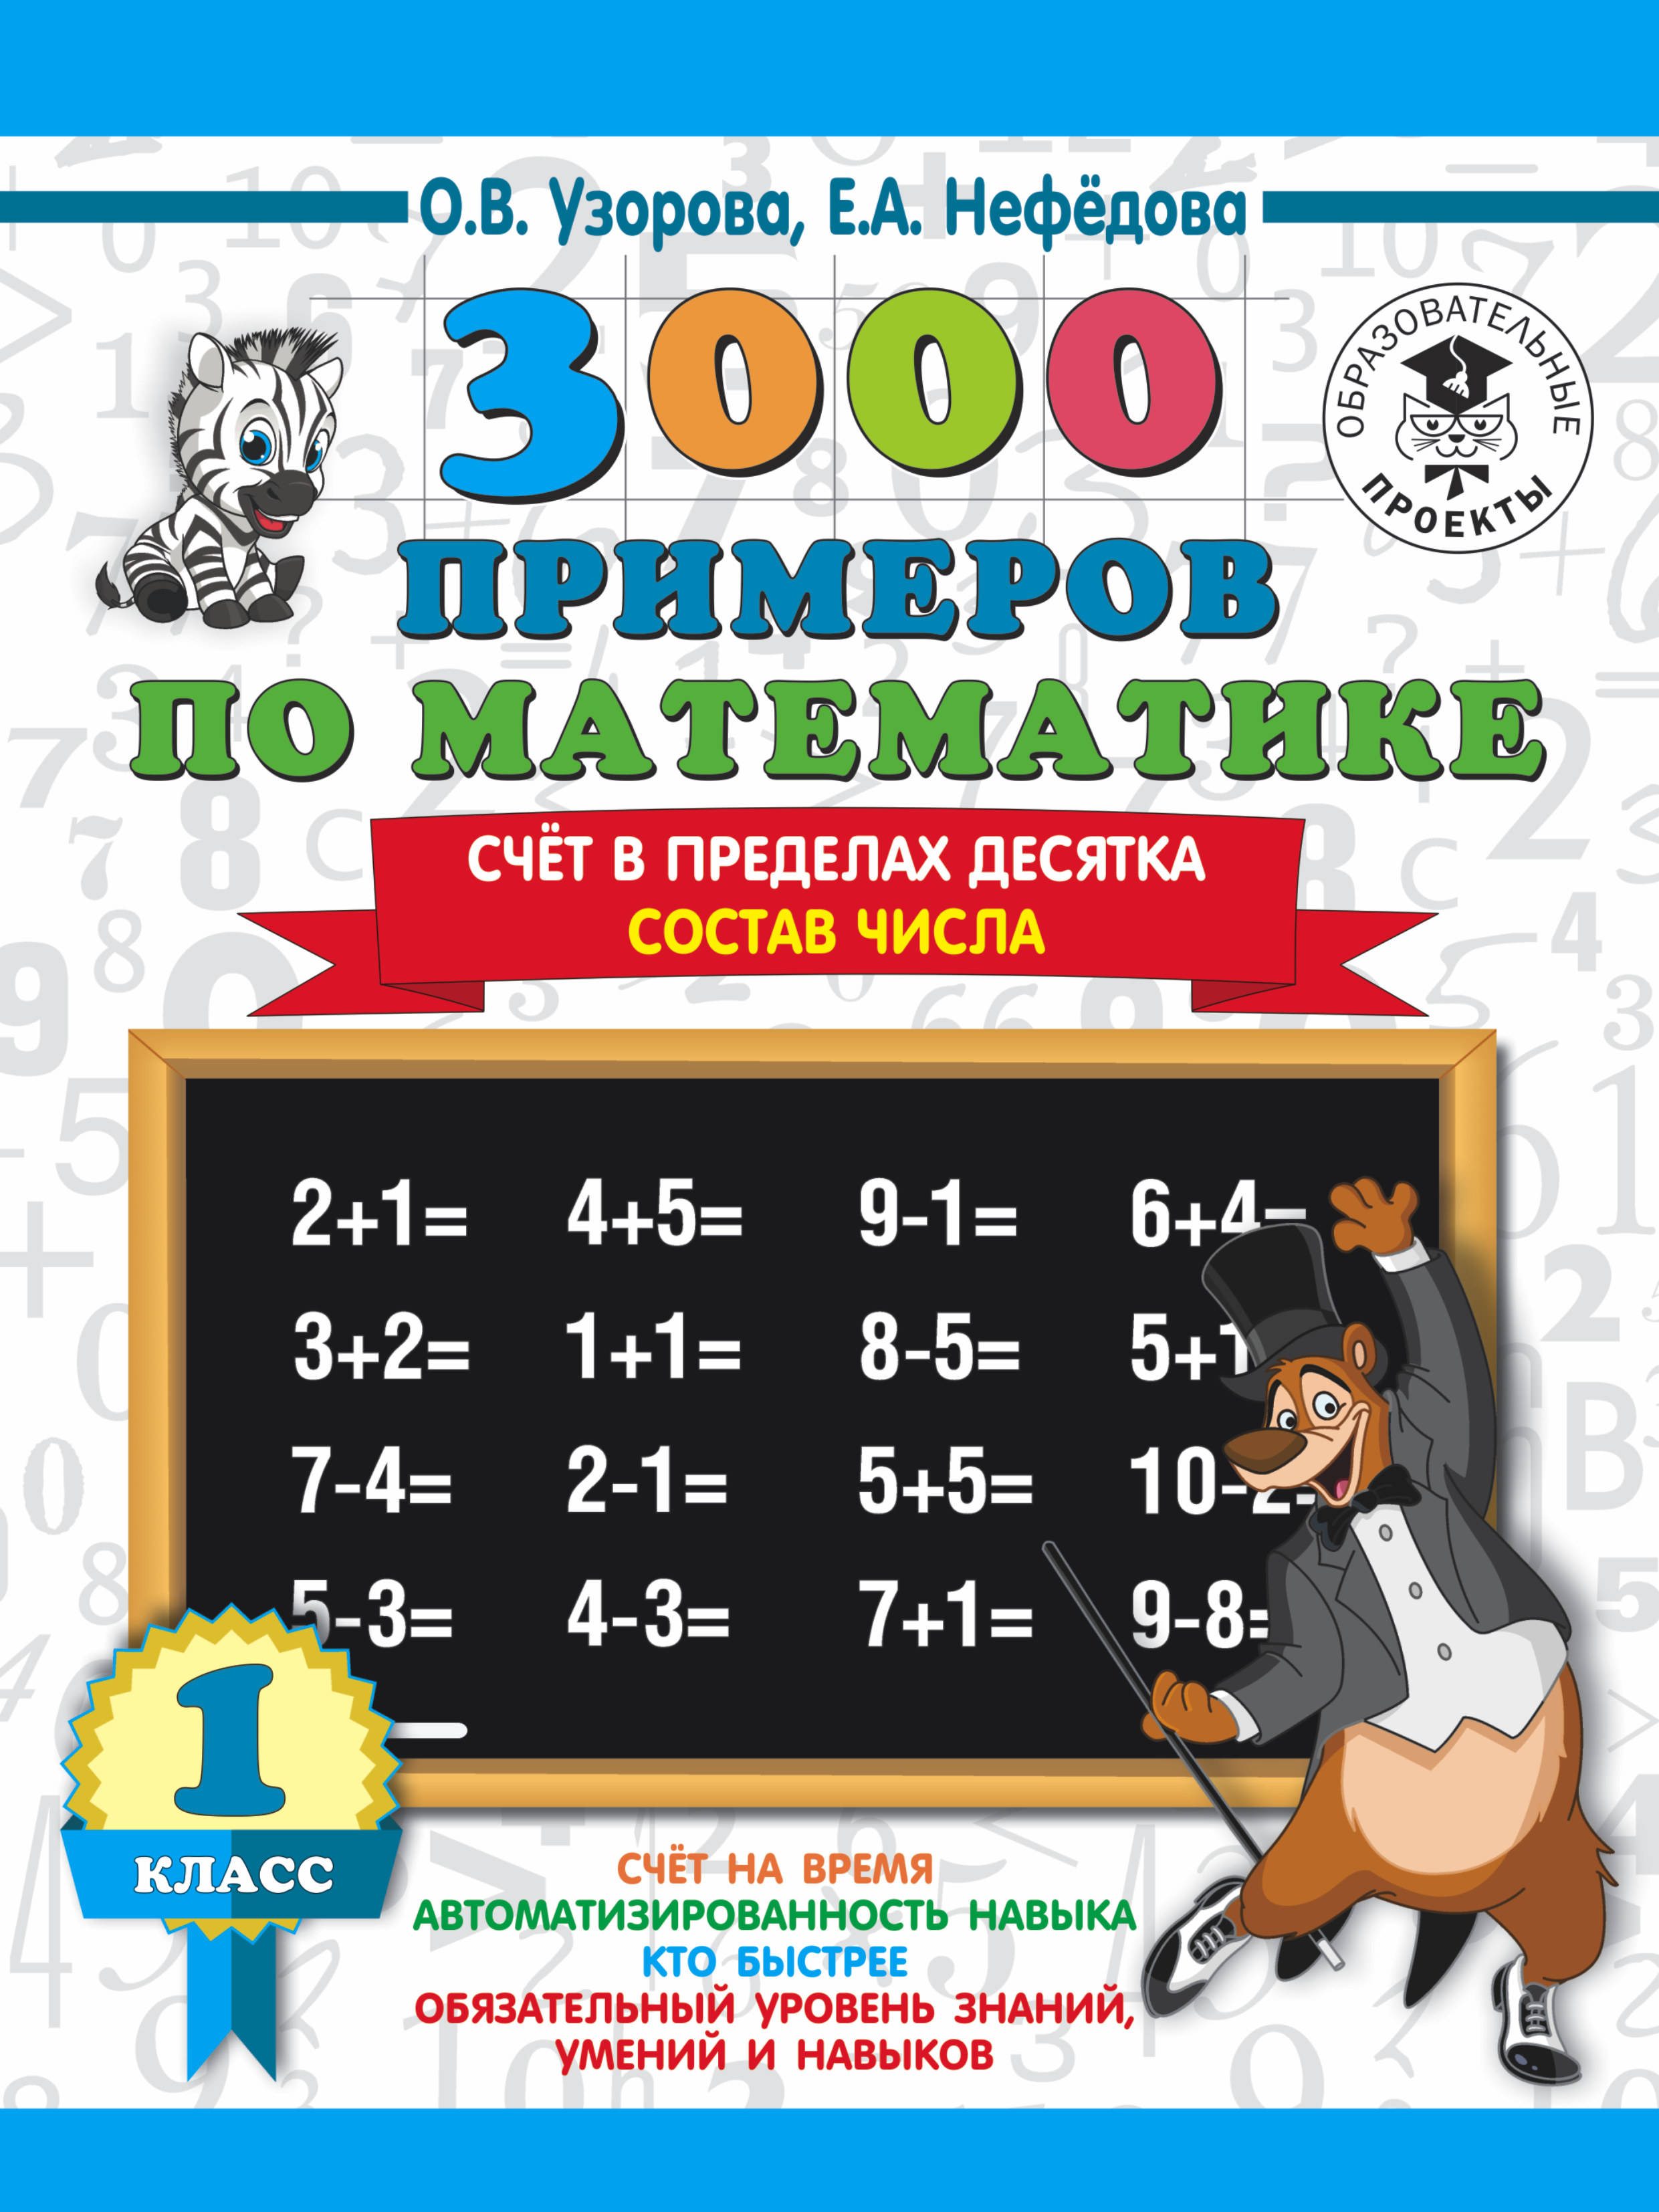 О.В. Узорова, Е.А. Нефедова 3000 примеров по математике. Счёт в пределах десятка. Состав числа. 1 класс авто б у в рязани в пределах 25000 рублей каблук пикап москвич